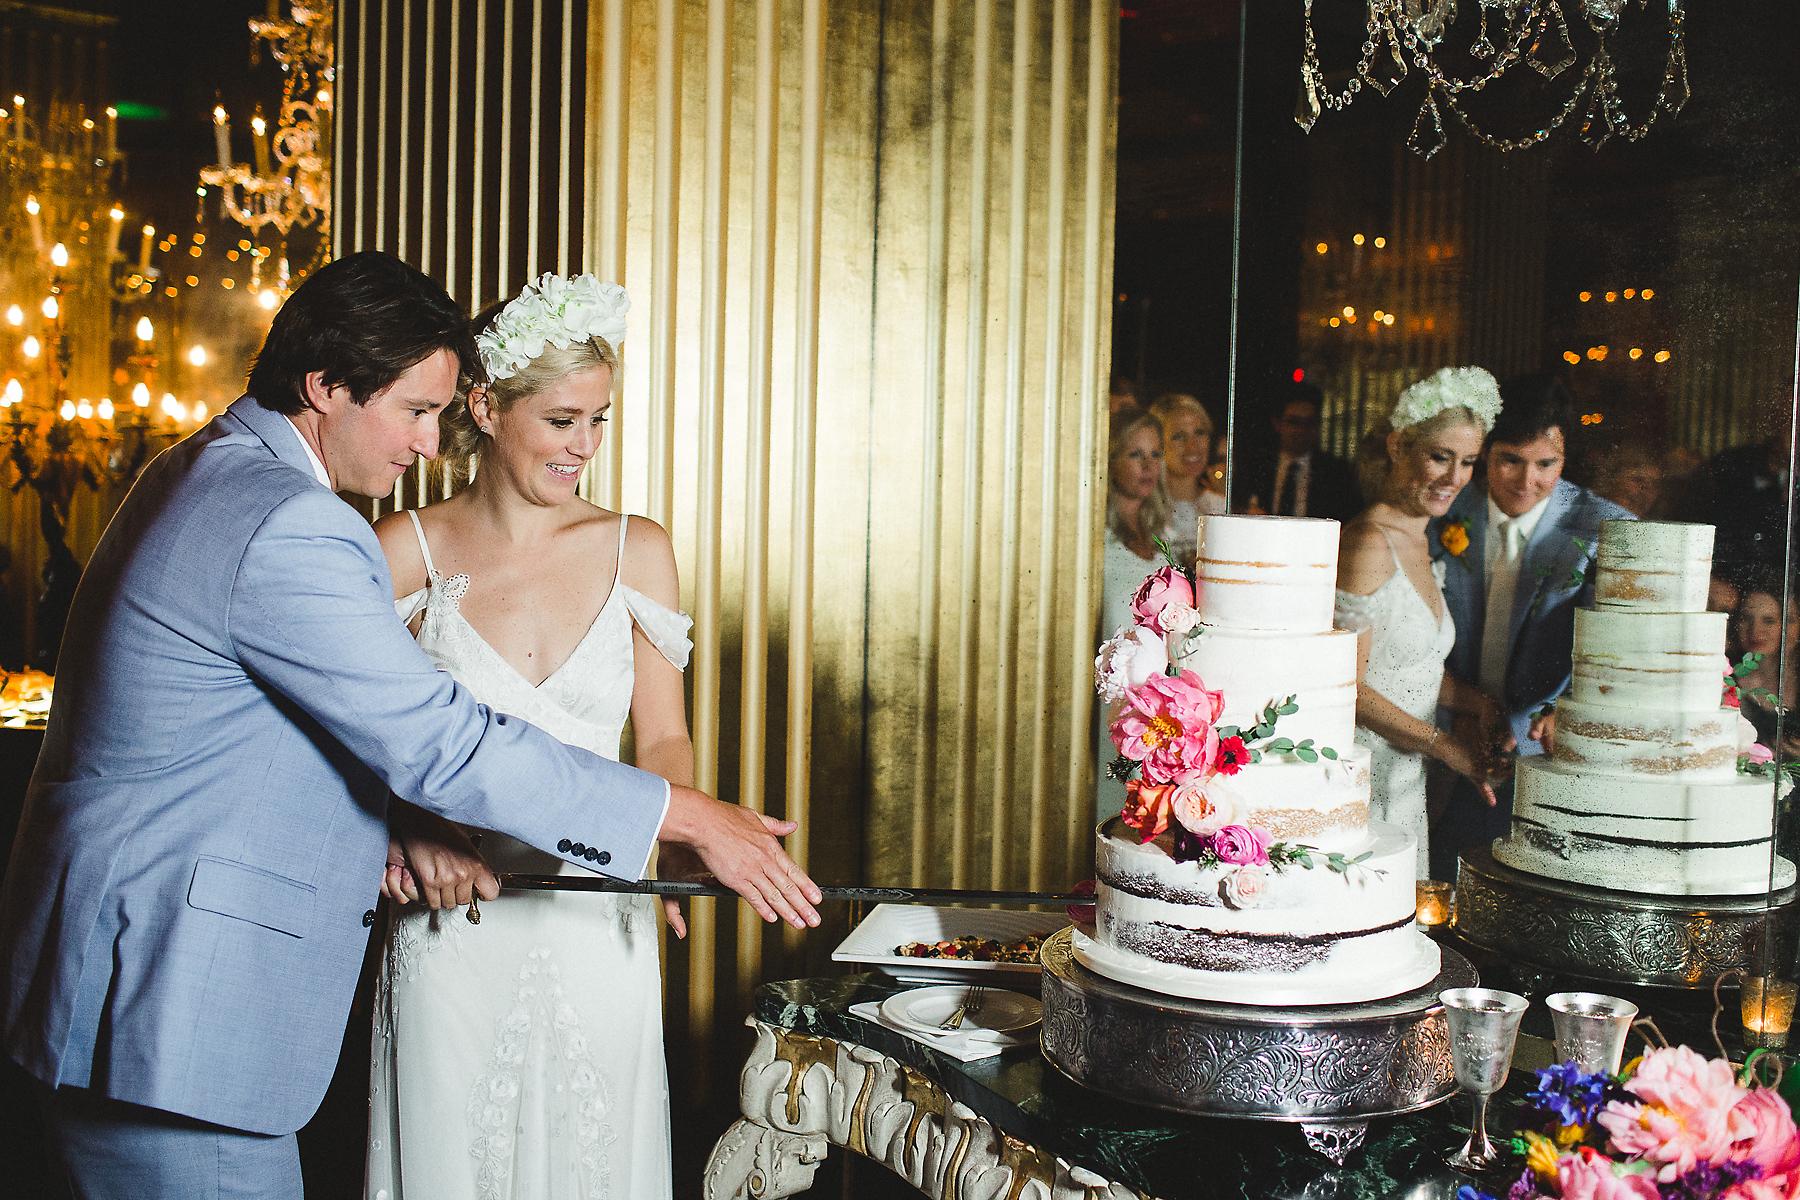 mansion-on-forsyth-park-wedding-41.jpg